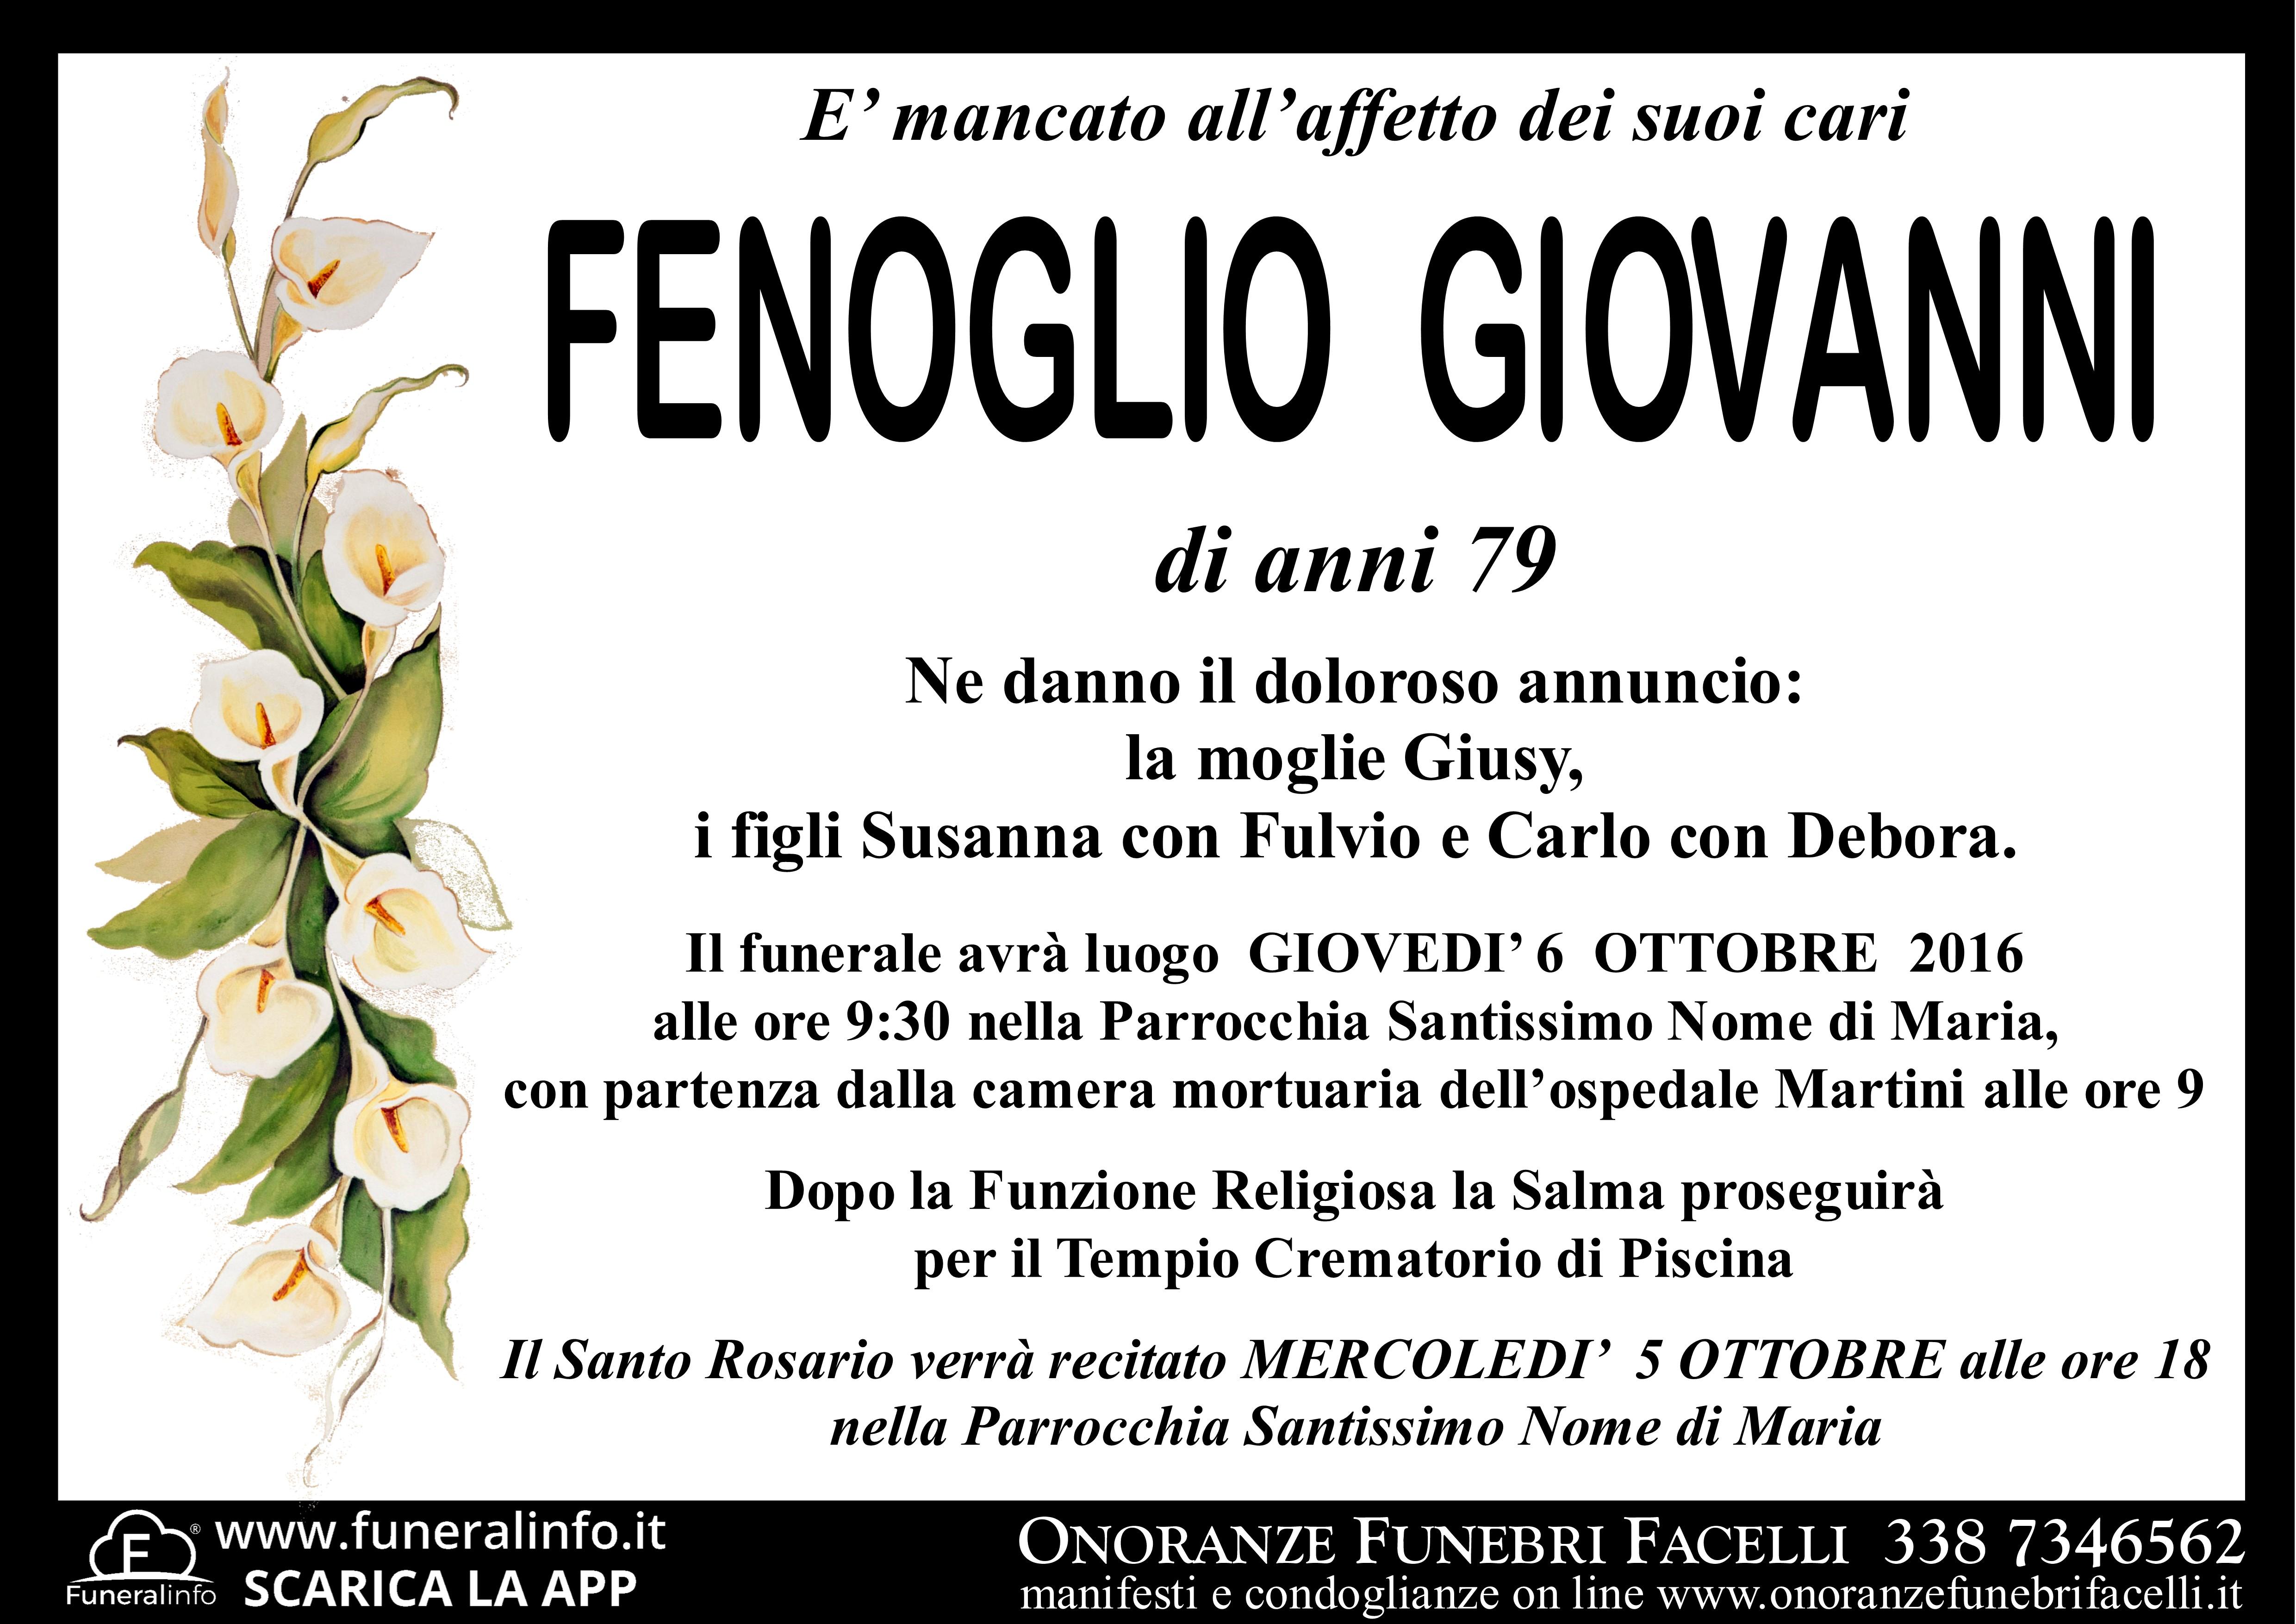 Ben noto FENOGLIO GIOVANNI - Onoranze Funebri Facelli ZC18